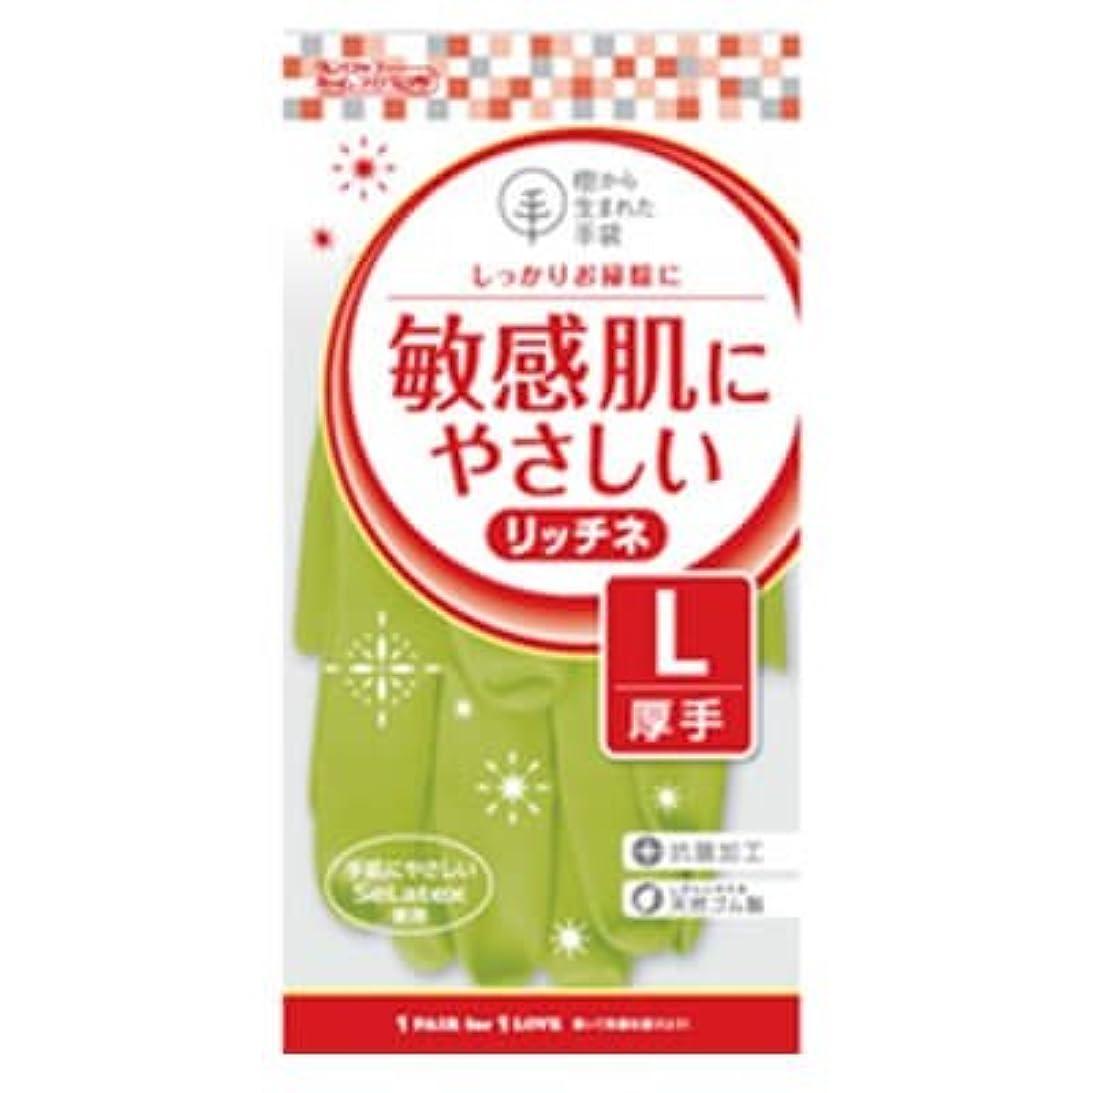 力充実不器用【ケース販売】 ダンロップ 敏感肌にやさしい リッチネ 厚手 L グリーン (10双×12袋)